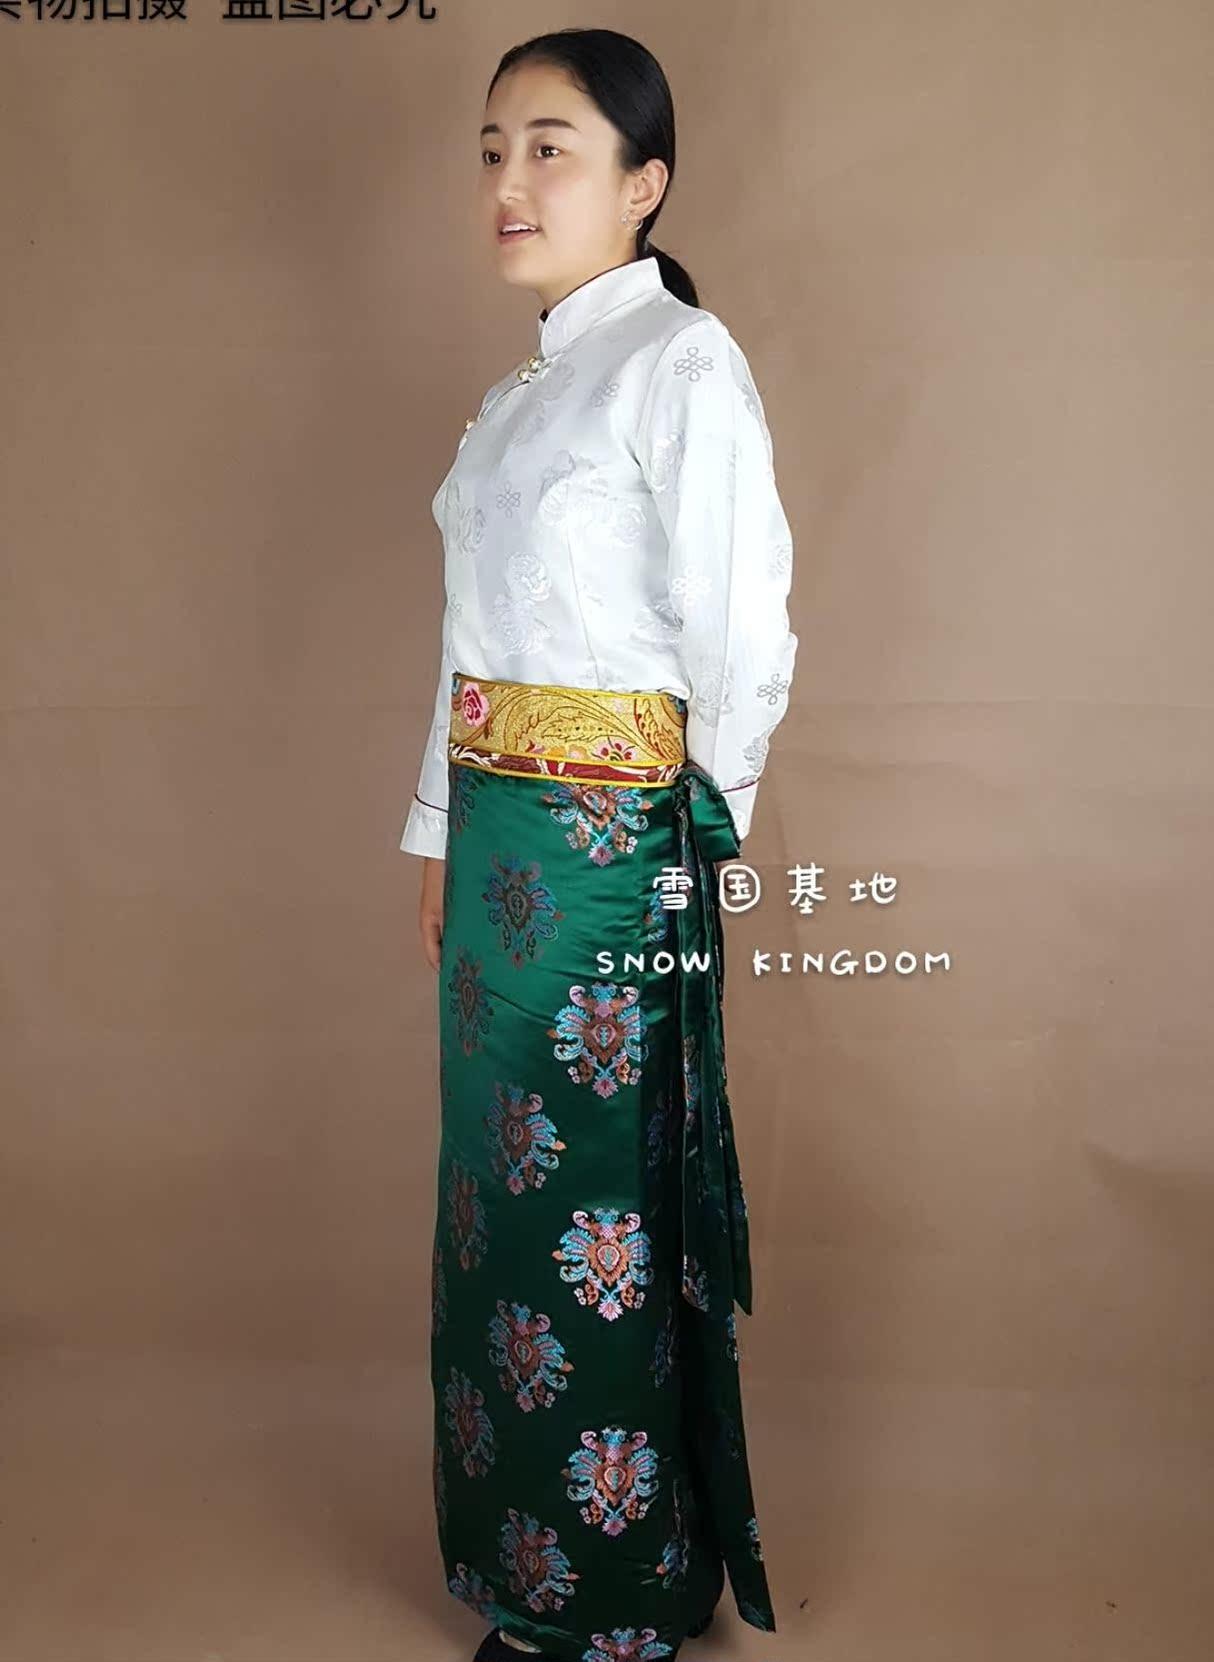 苏拉克夏西藏女士绸缎锅庄表演舞蹈藏族藏裙藏装西藏藏式裙子藏袍